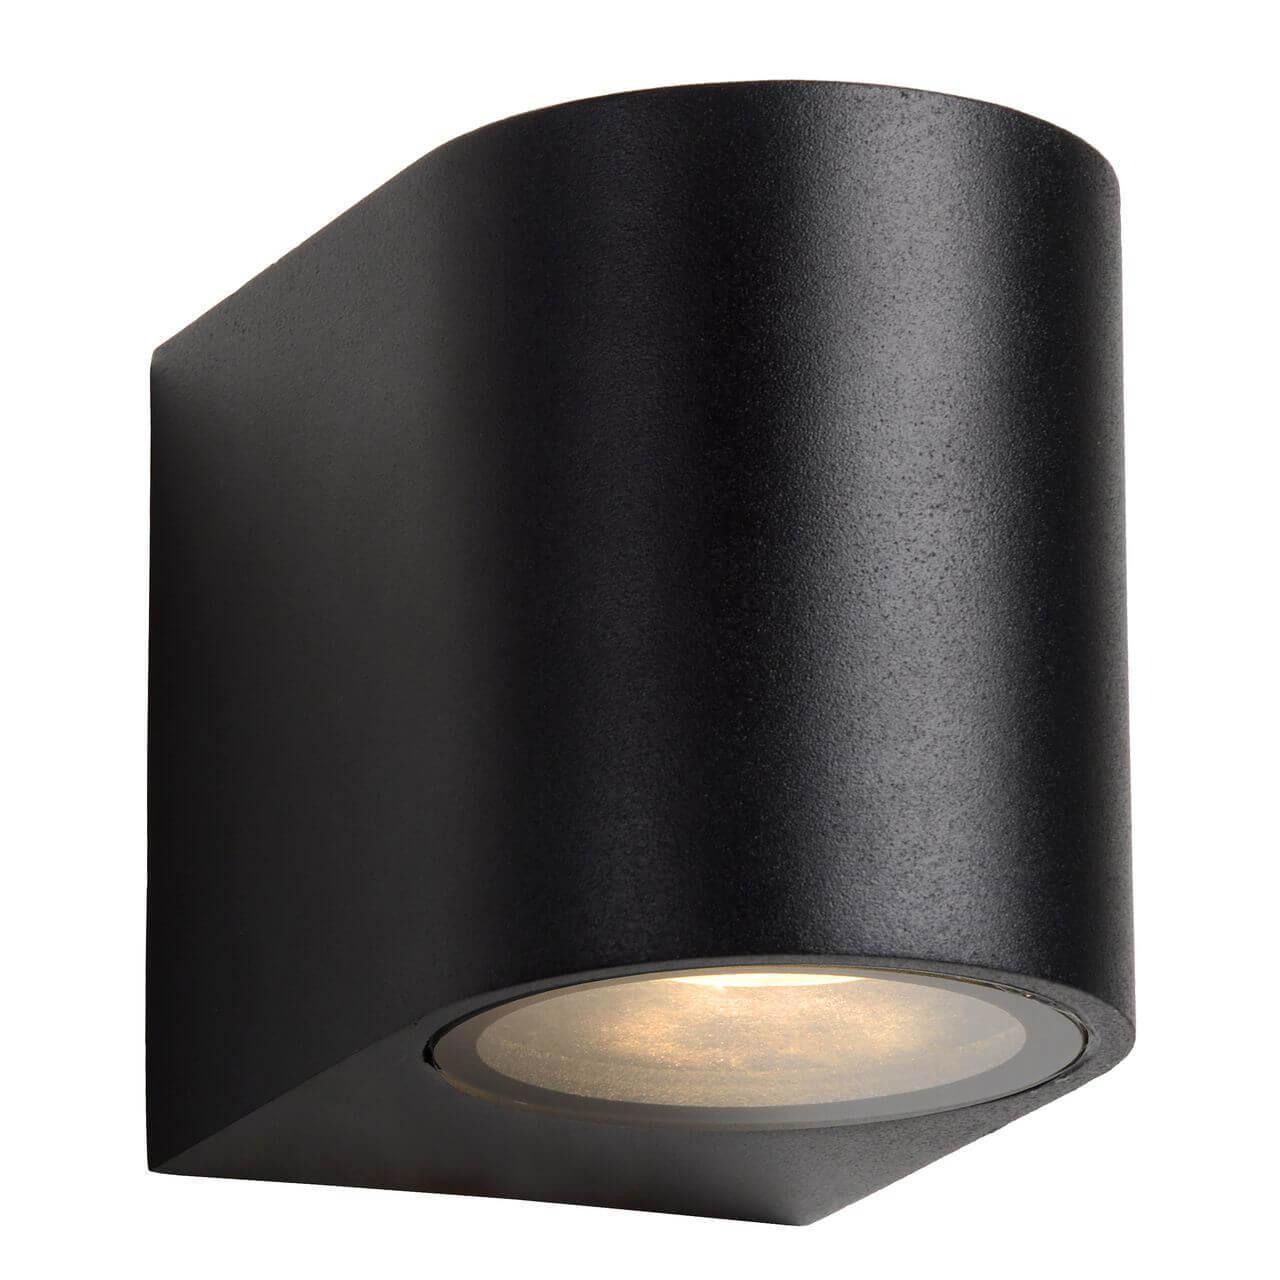 Уличный светильник Lucide 22861/05/30, GU10 недорого